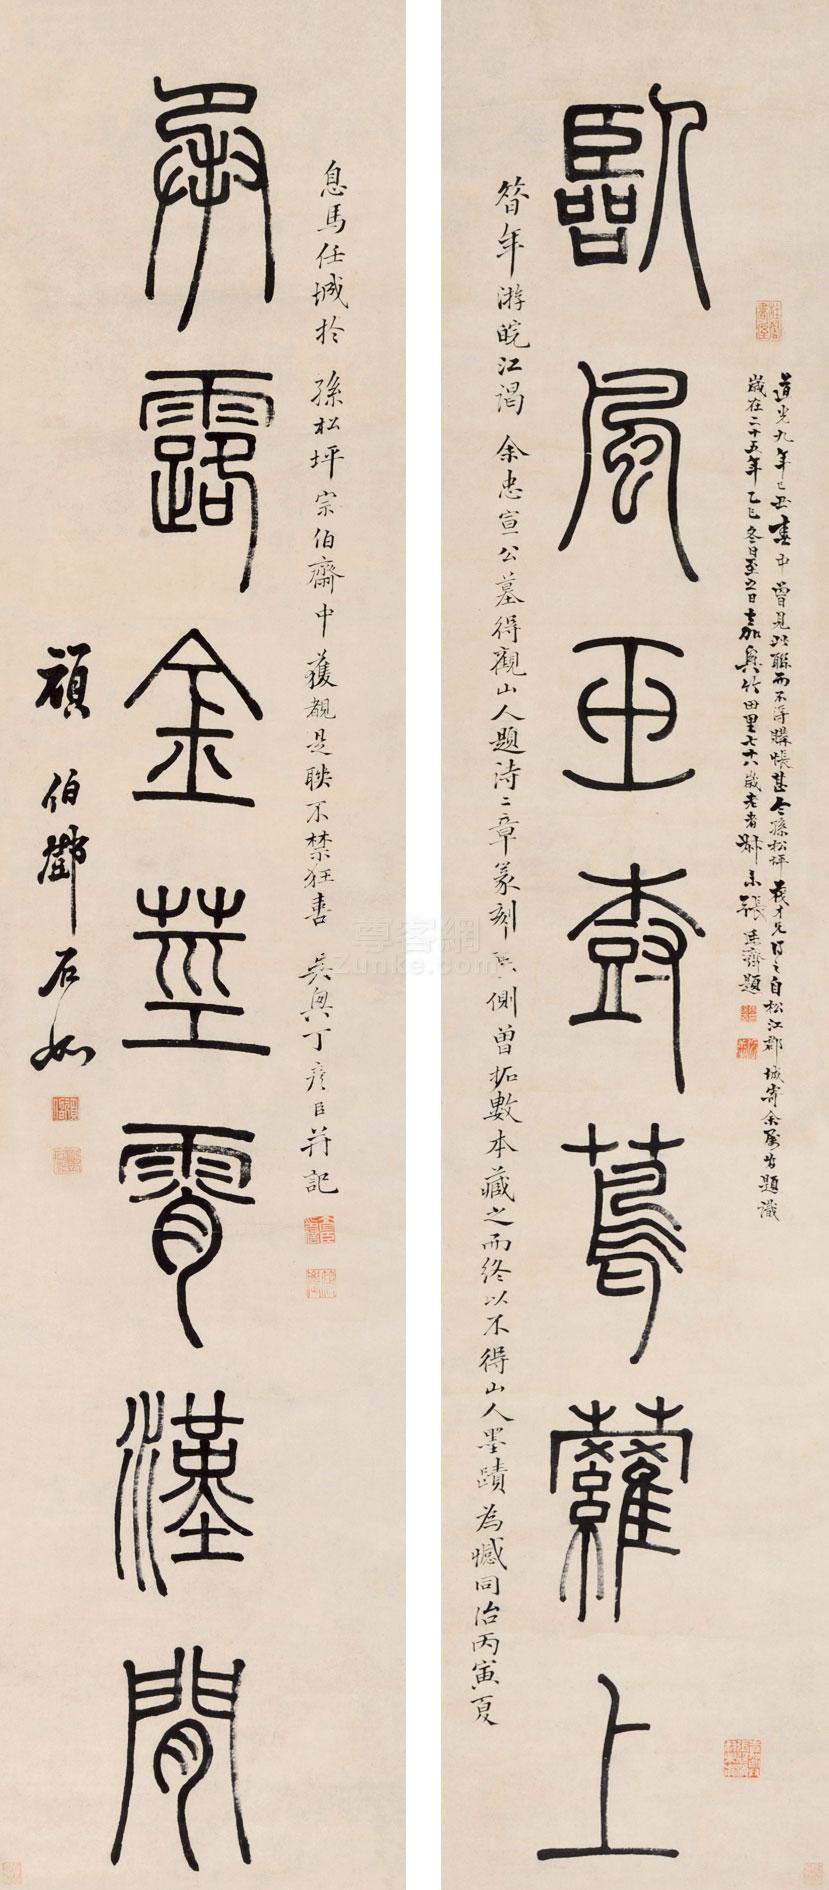 邓石如 篆书七言联 立轴 水墨纸本作品欣赏